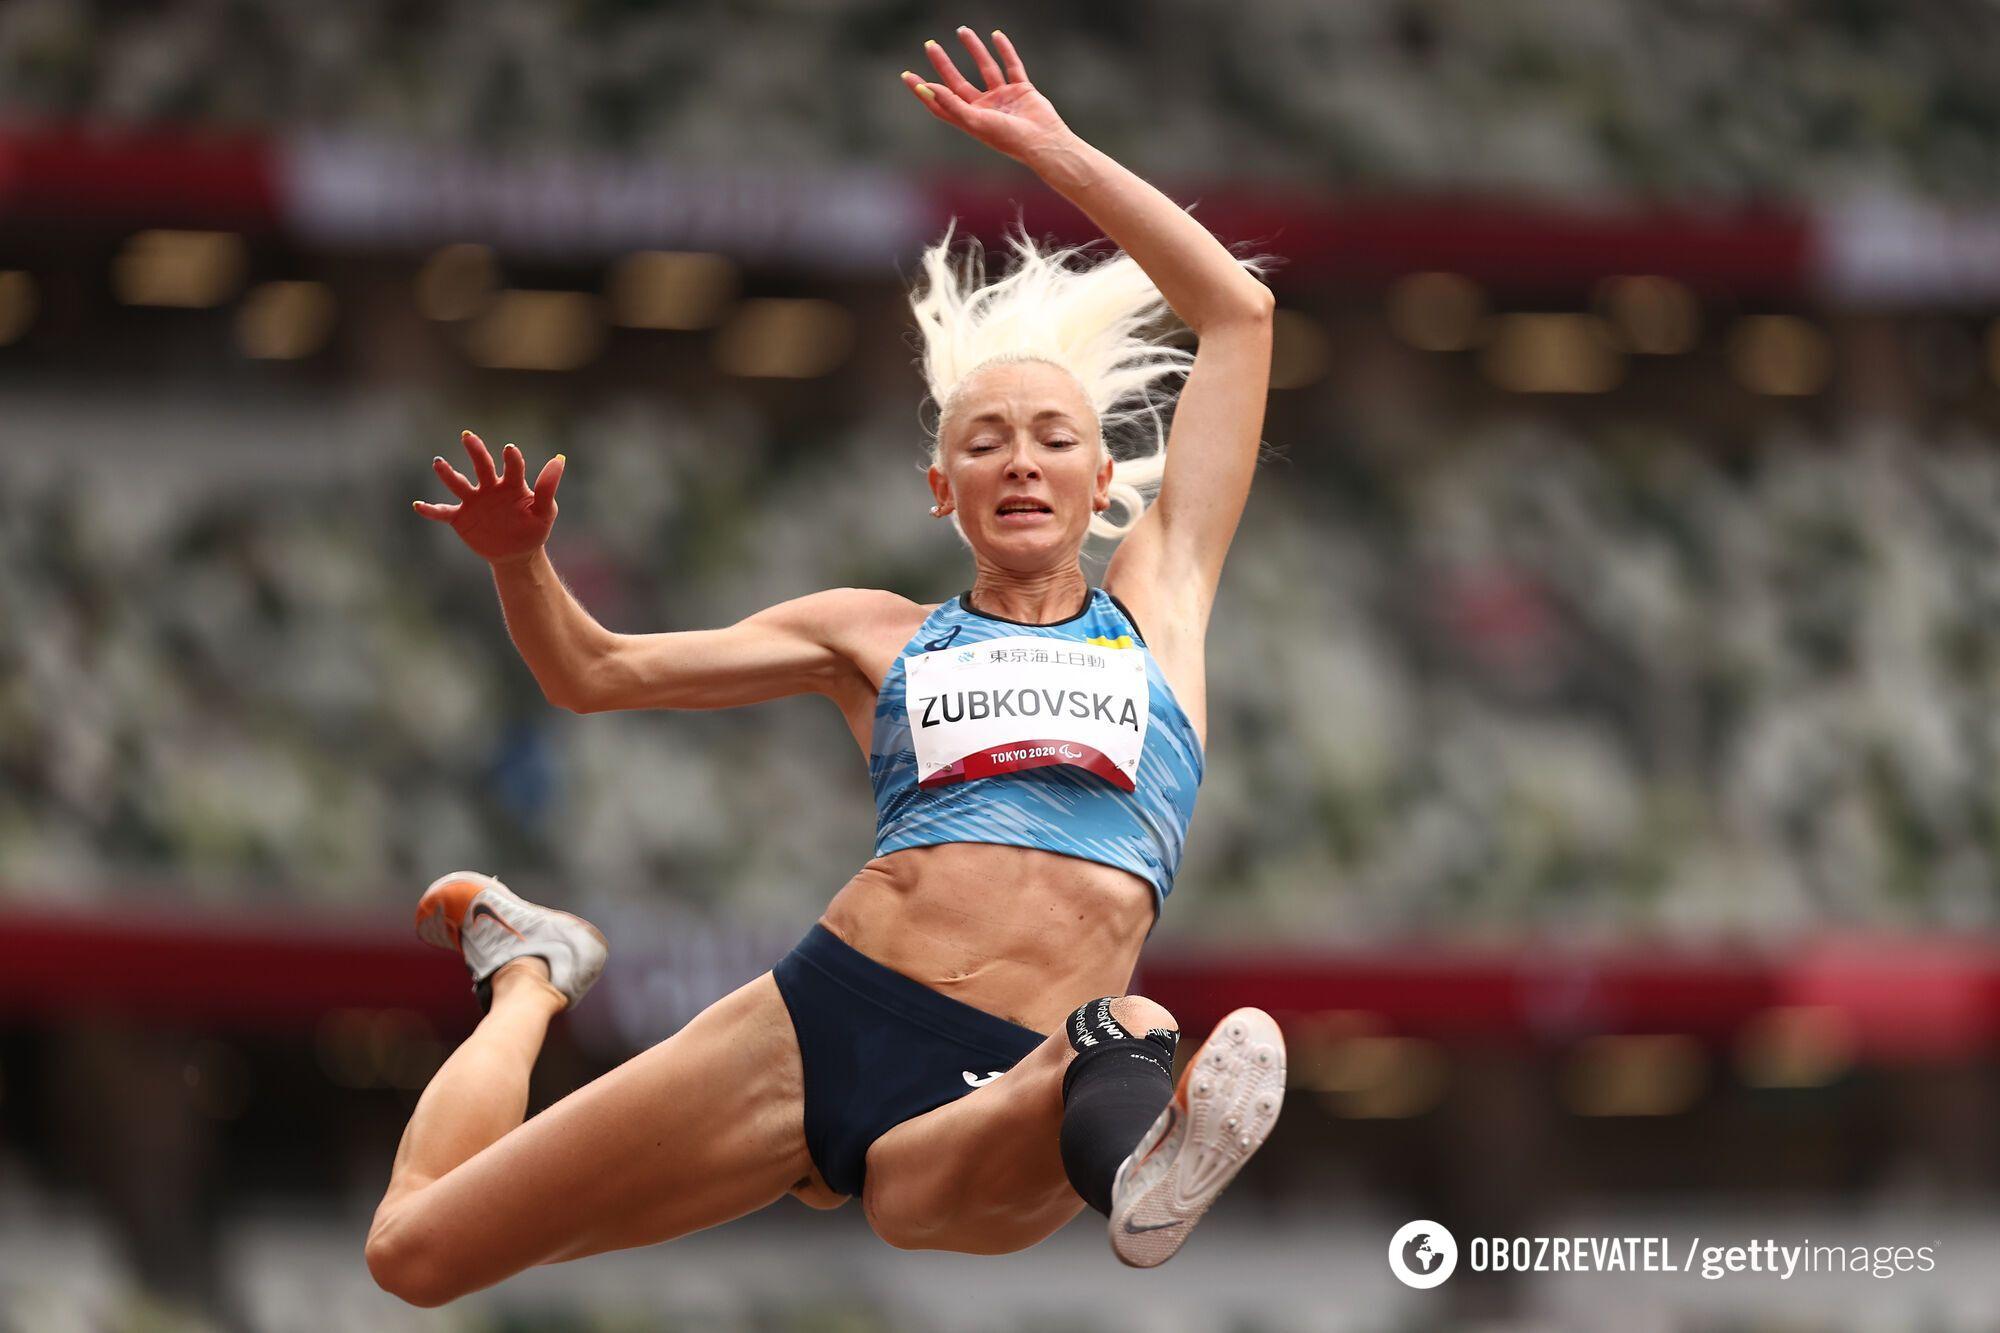 Оксана Зубковская выиграла в секторе для прыжков в длину.